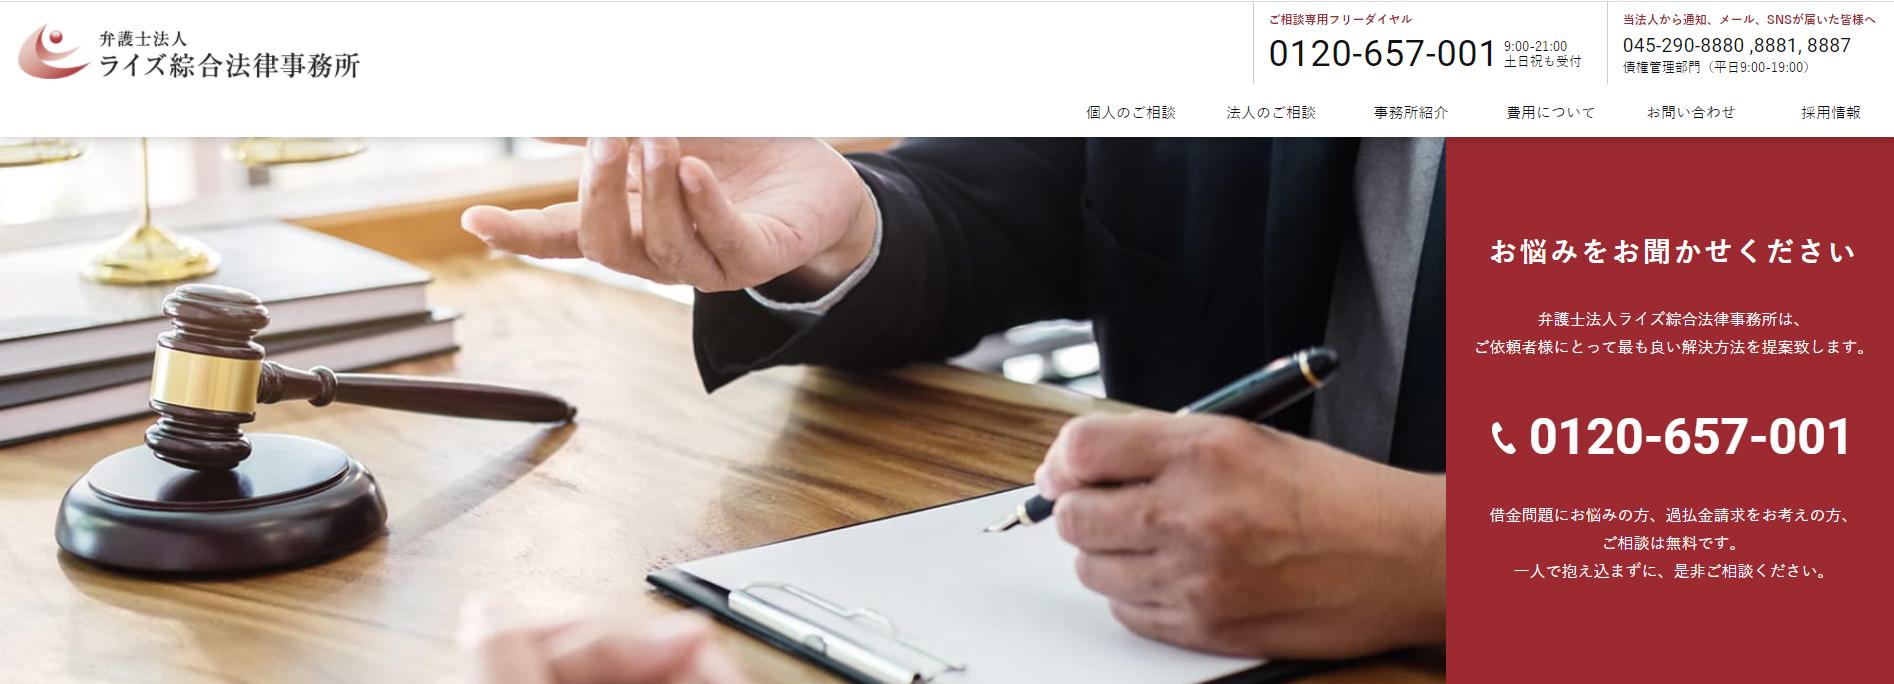 弁護士法人ライズ綜合法律事務所のホームページ